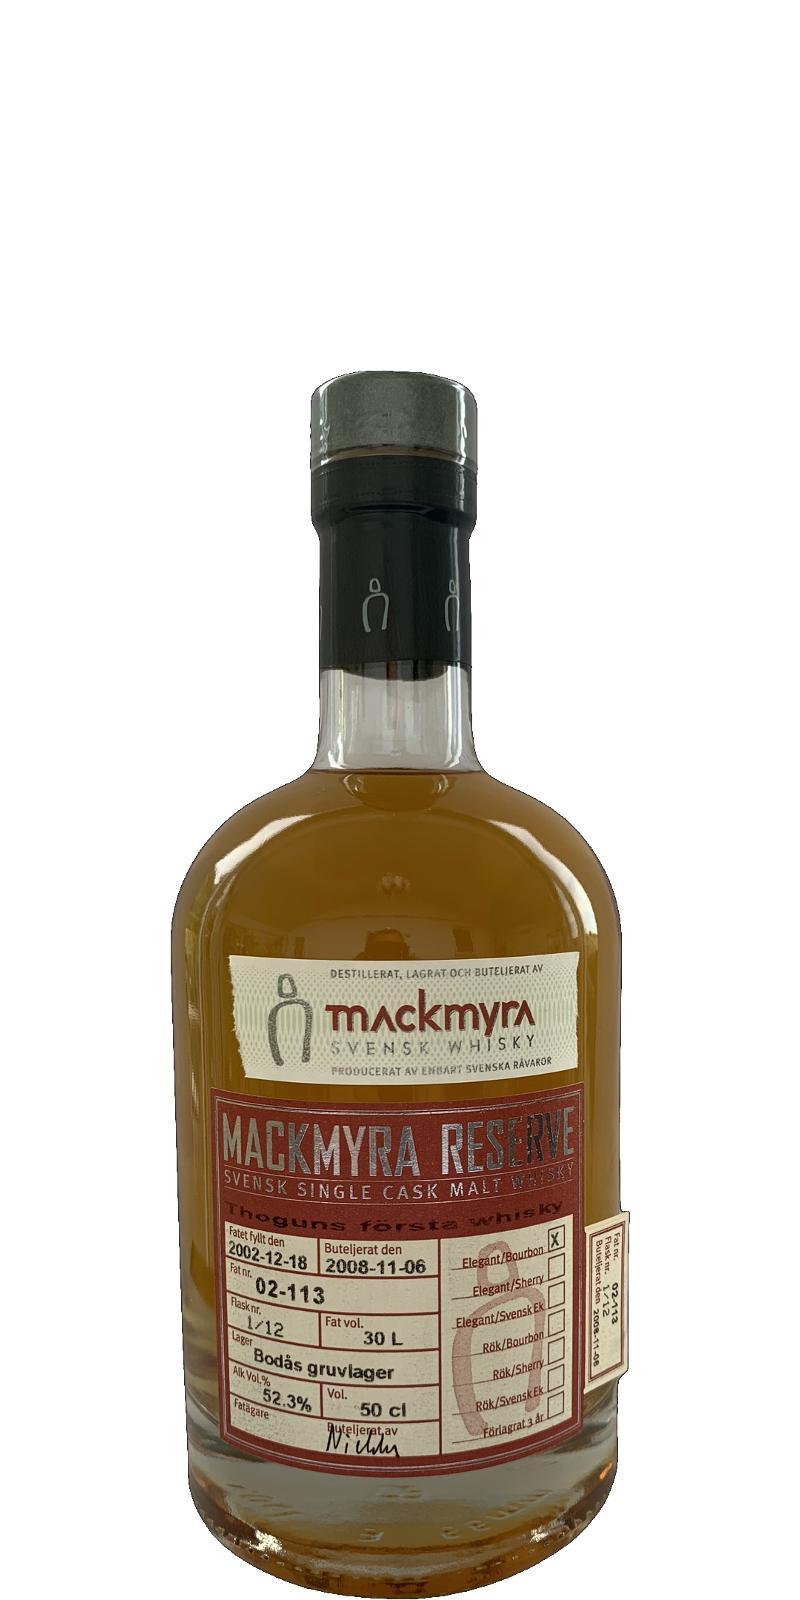 Mackmyra 2002